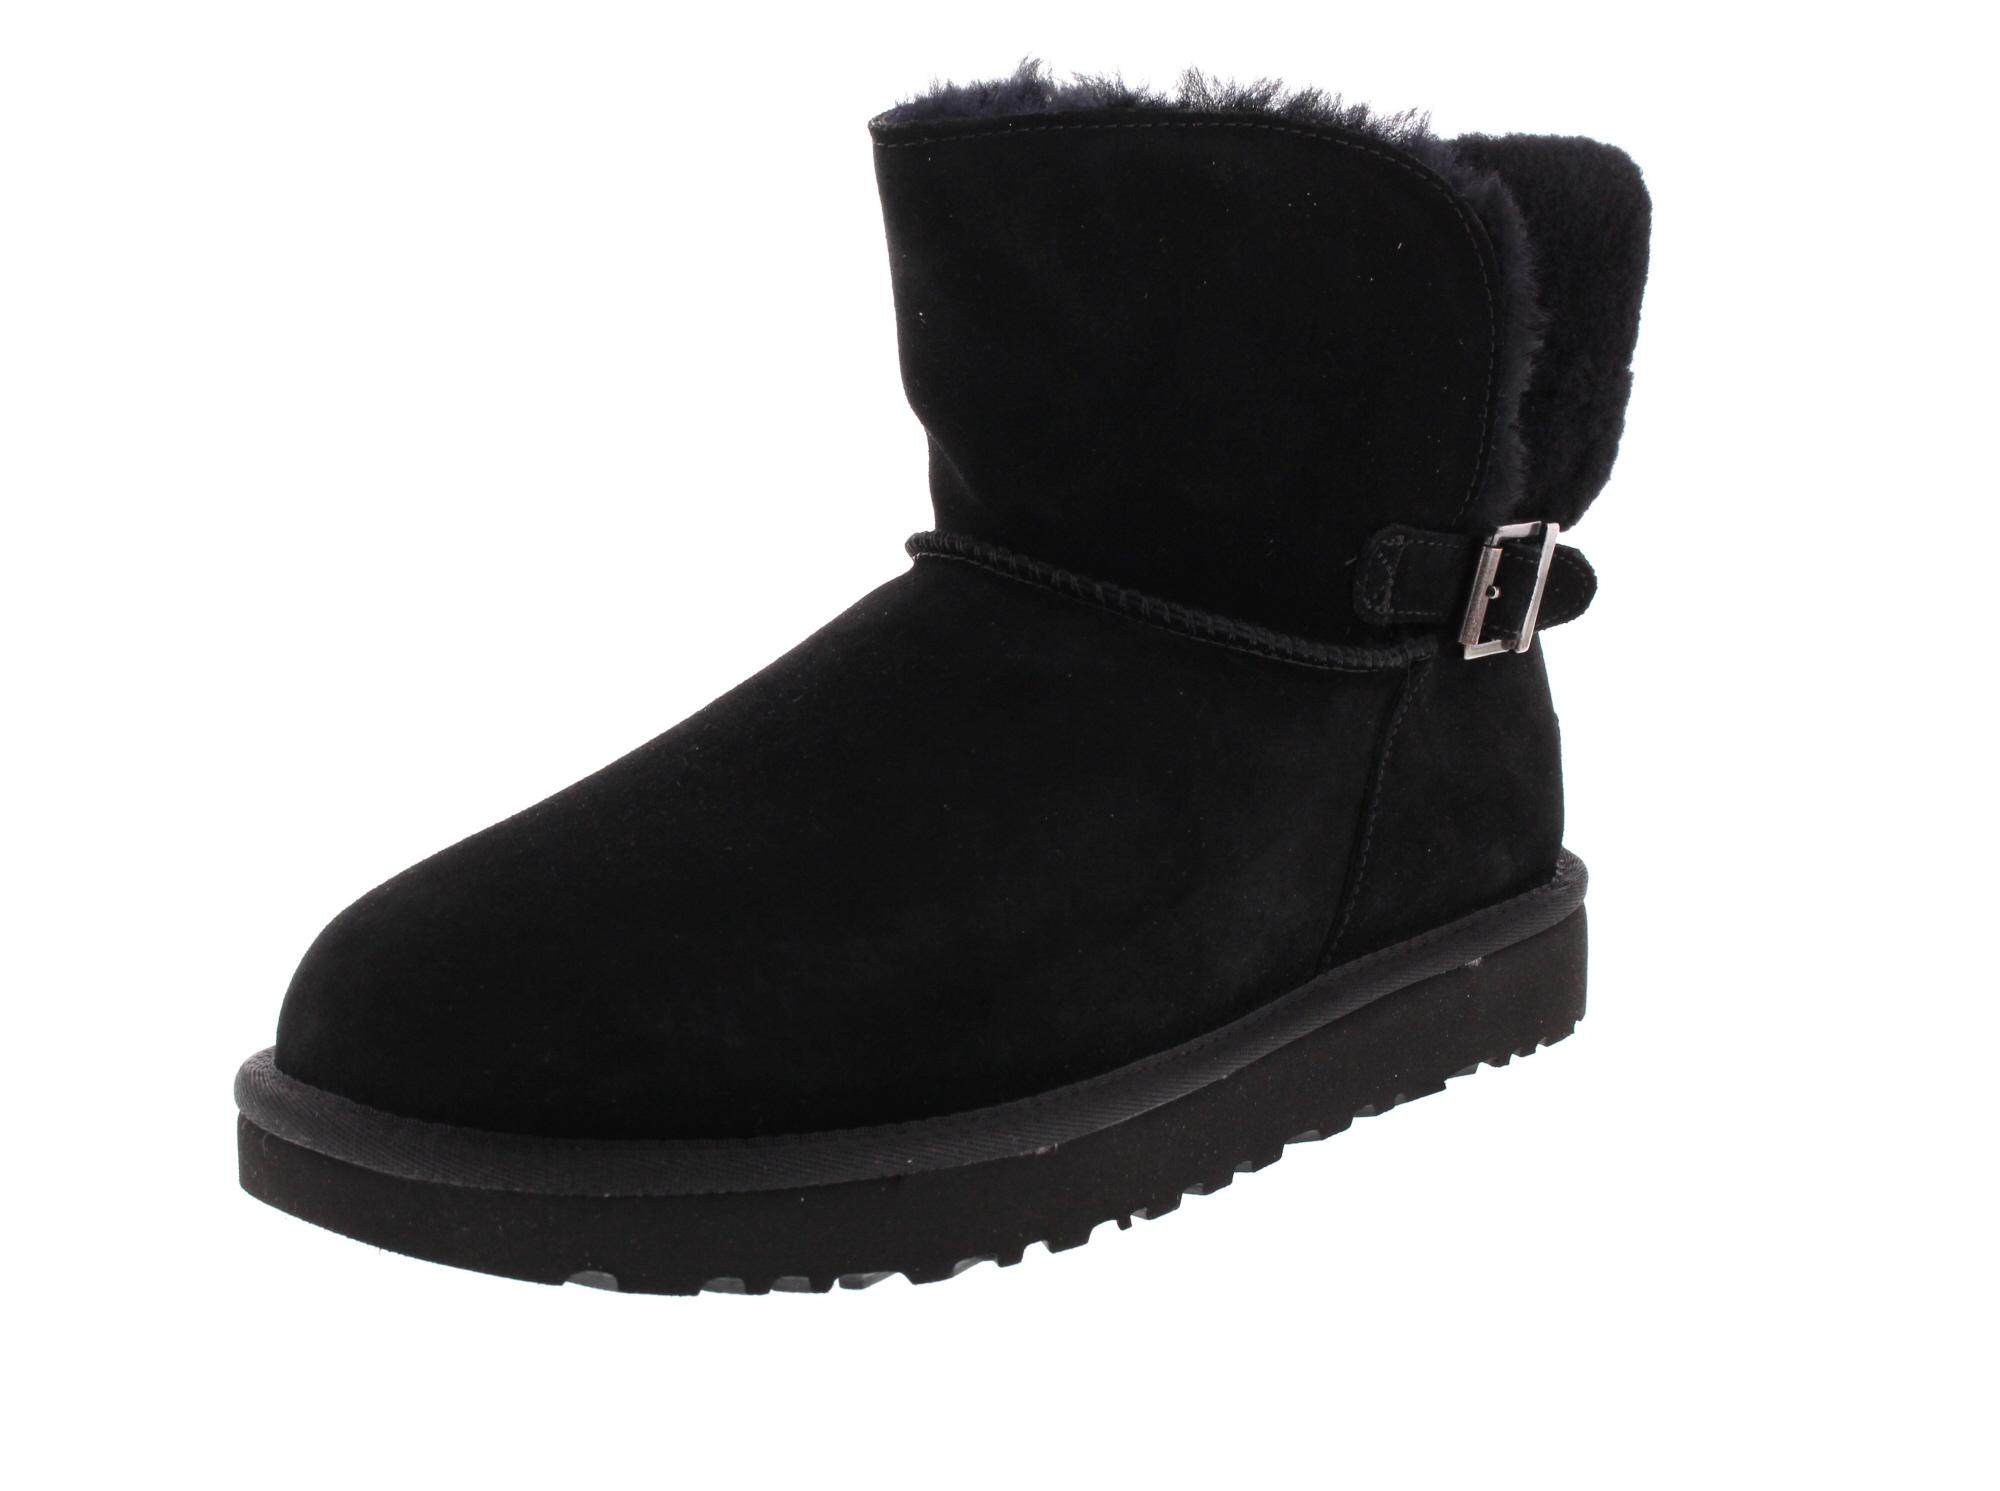 UGG Damenschuhe - Stiefelette KAREL 1019639 - black_0